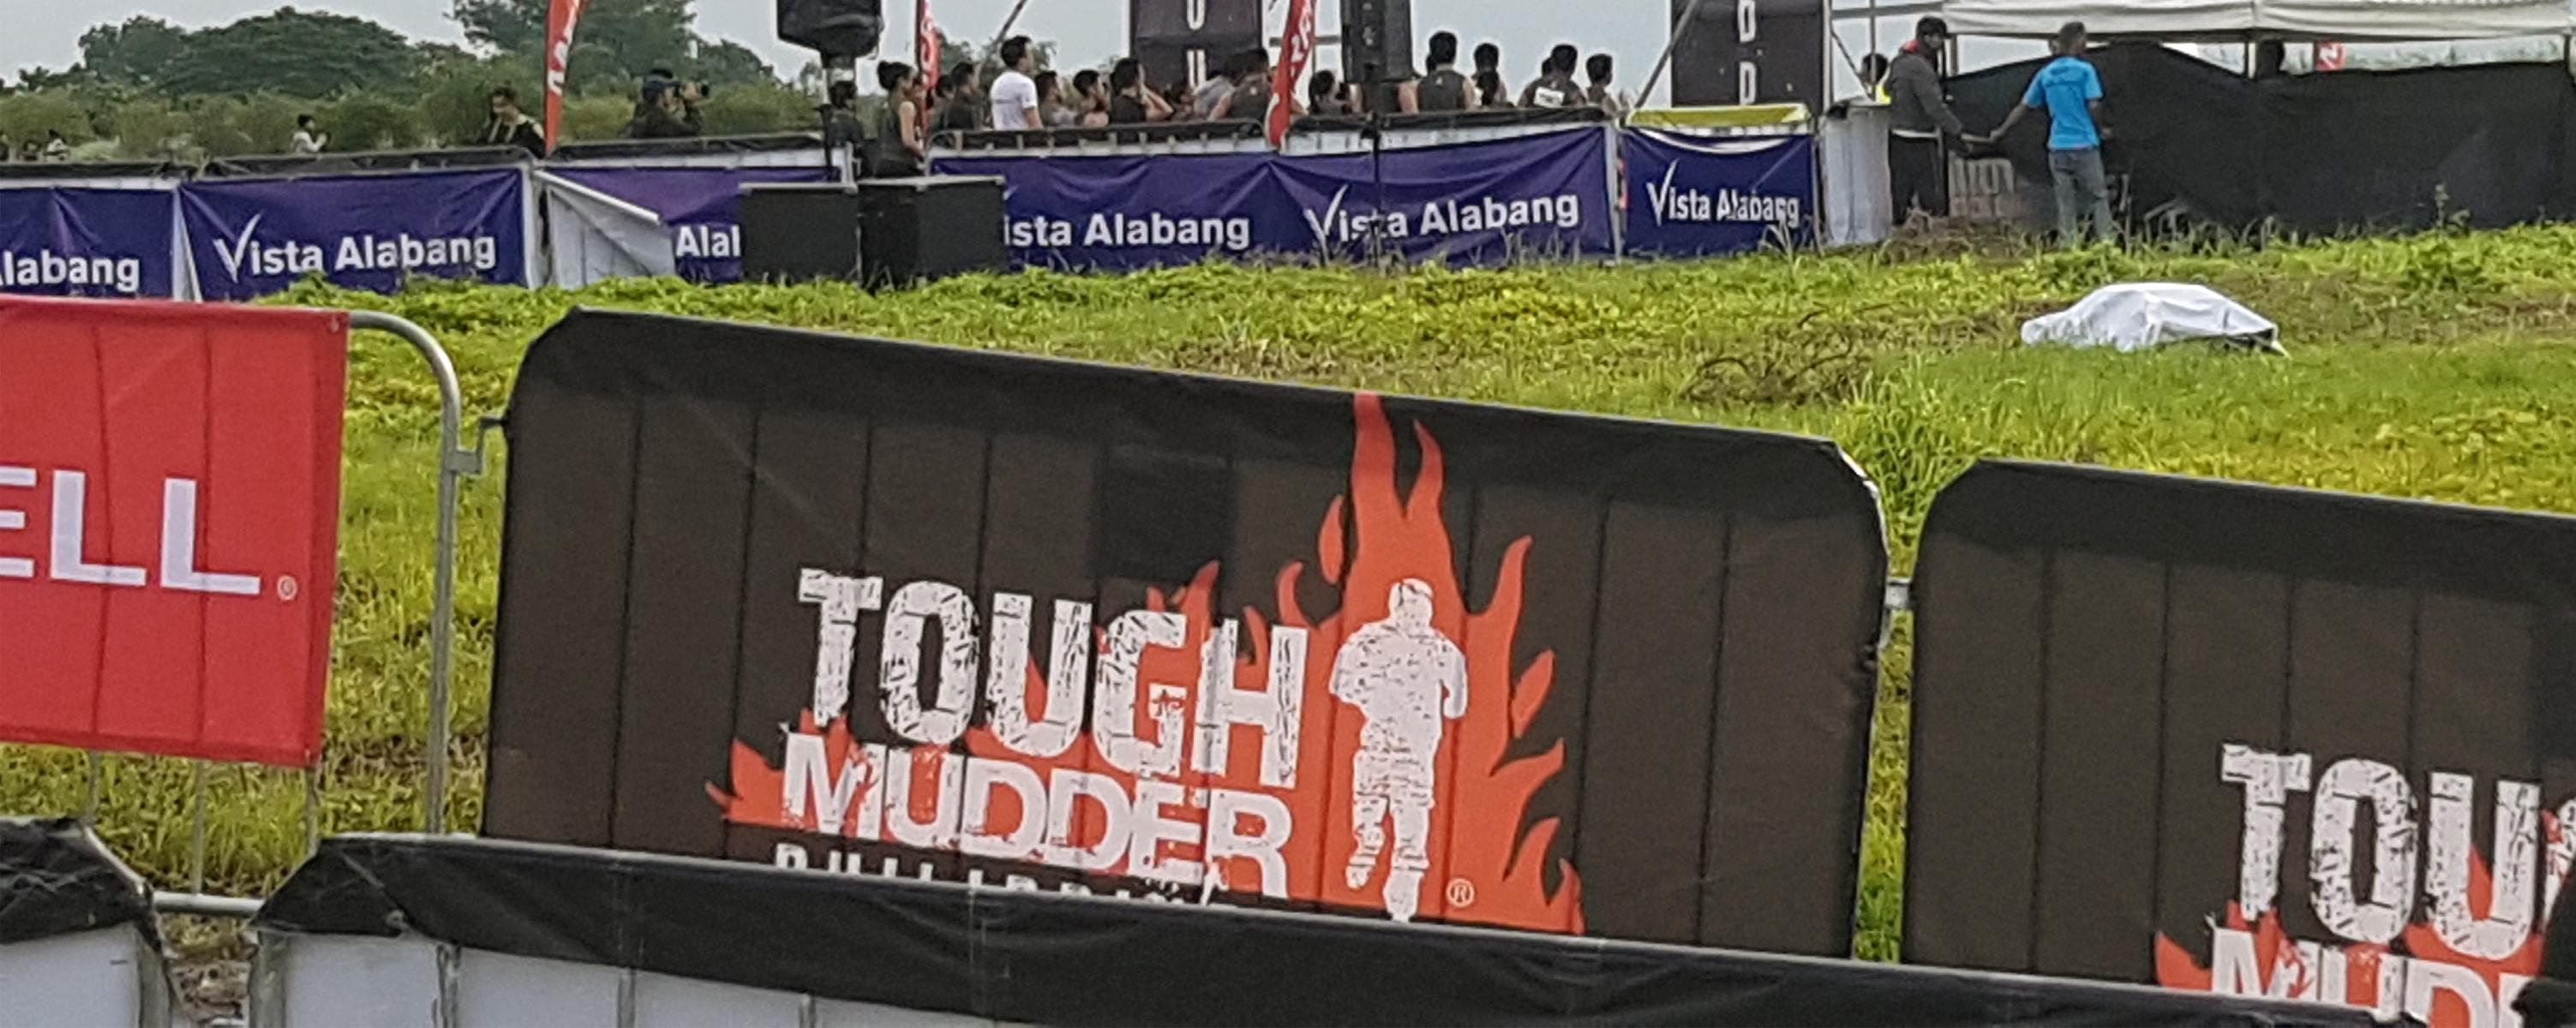 tough mudder Asia start- Open Access BPO